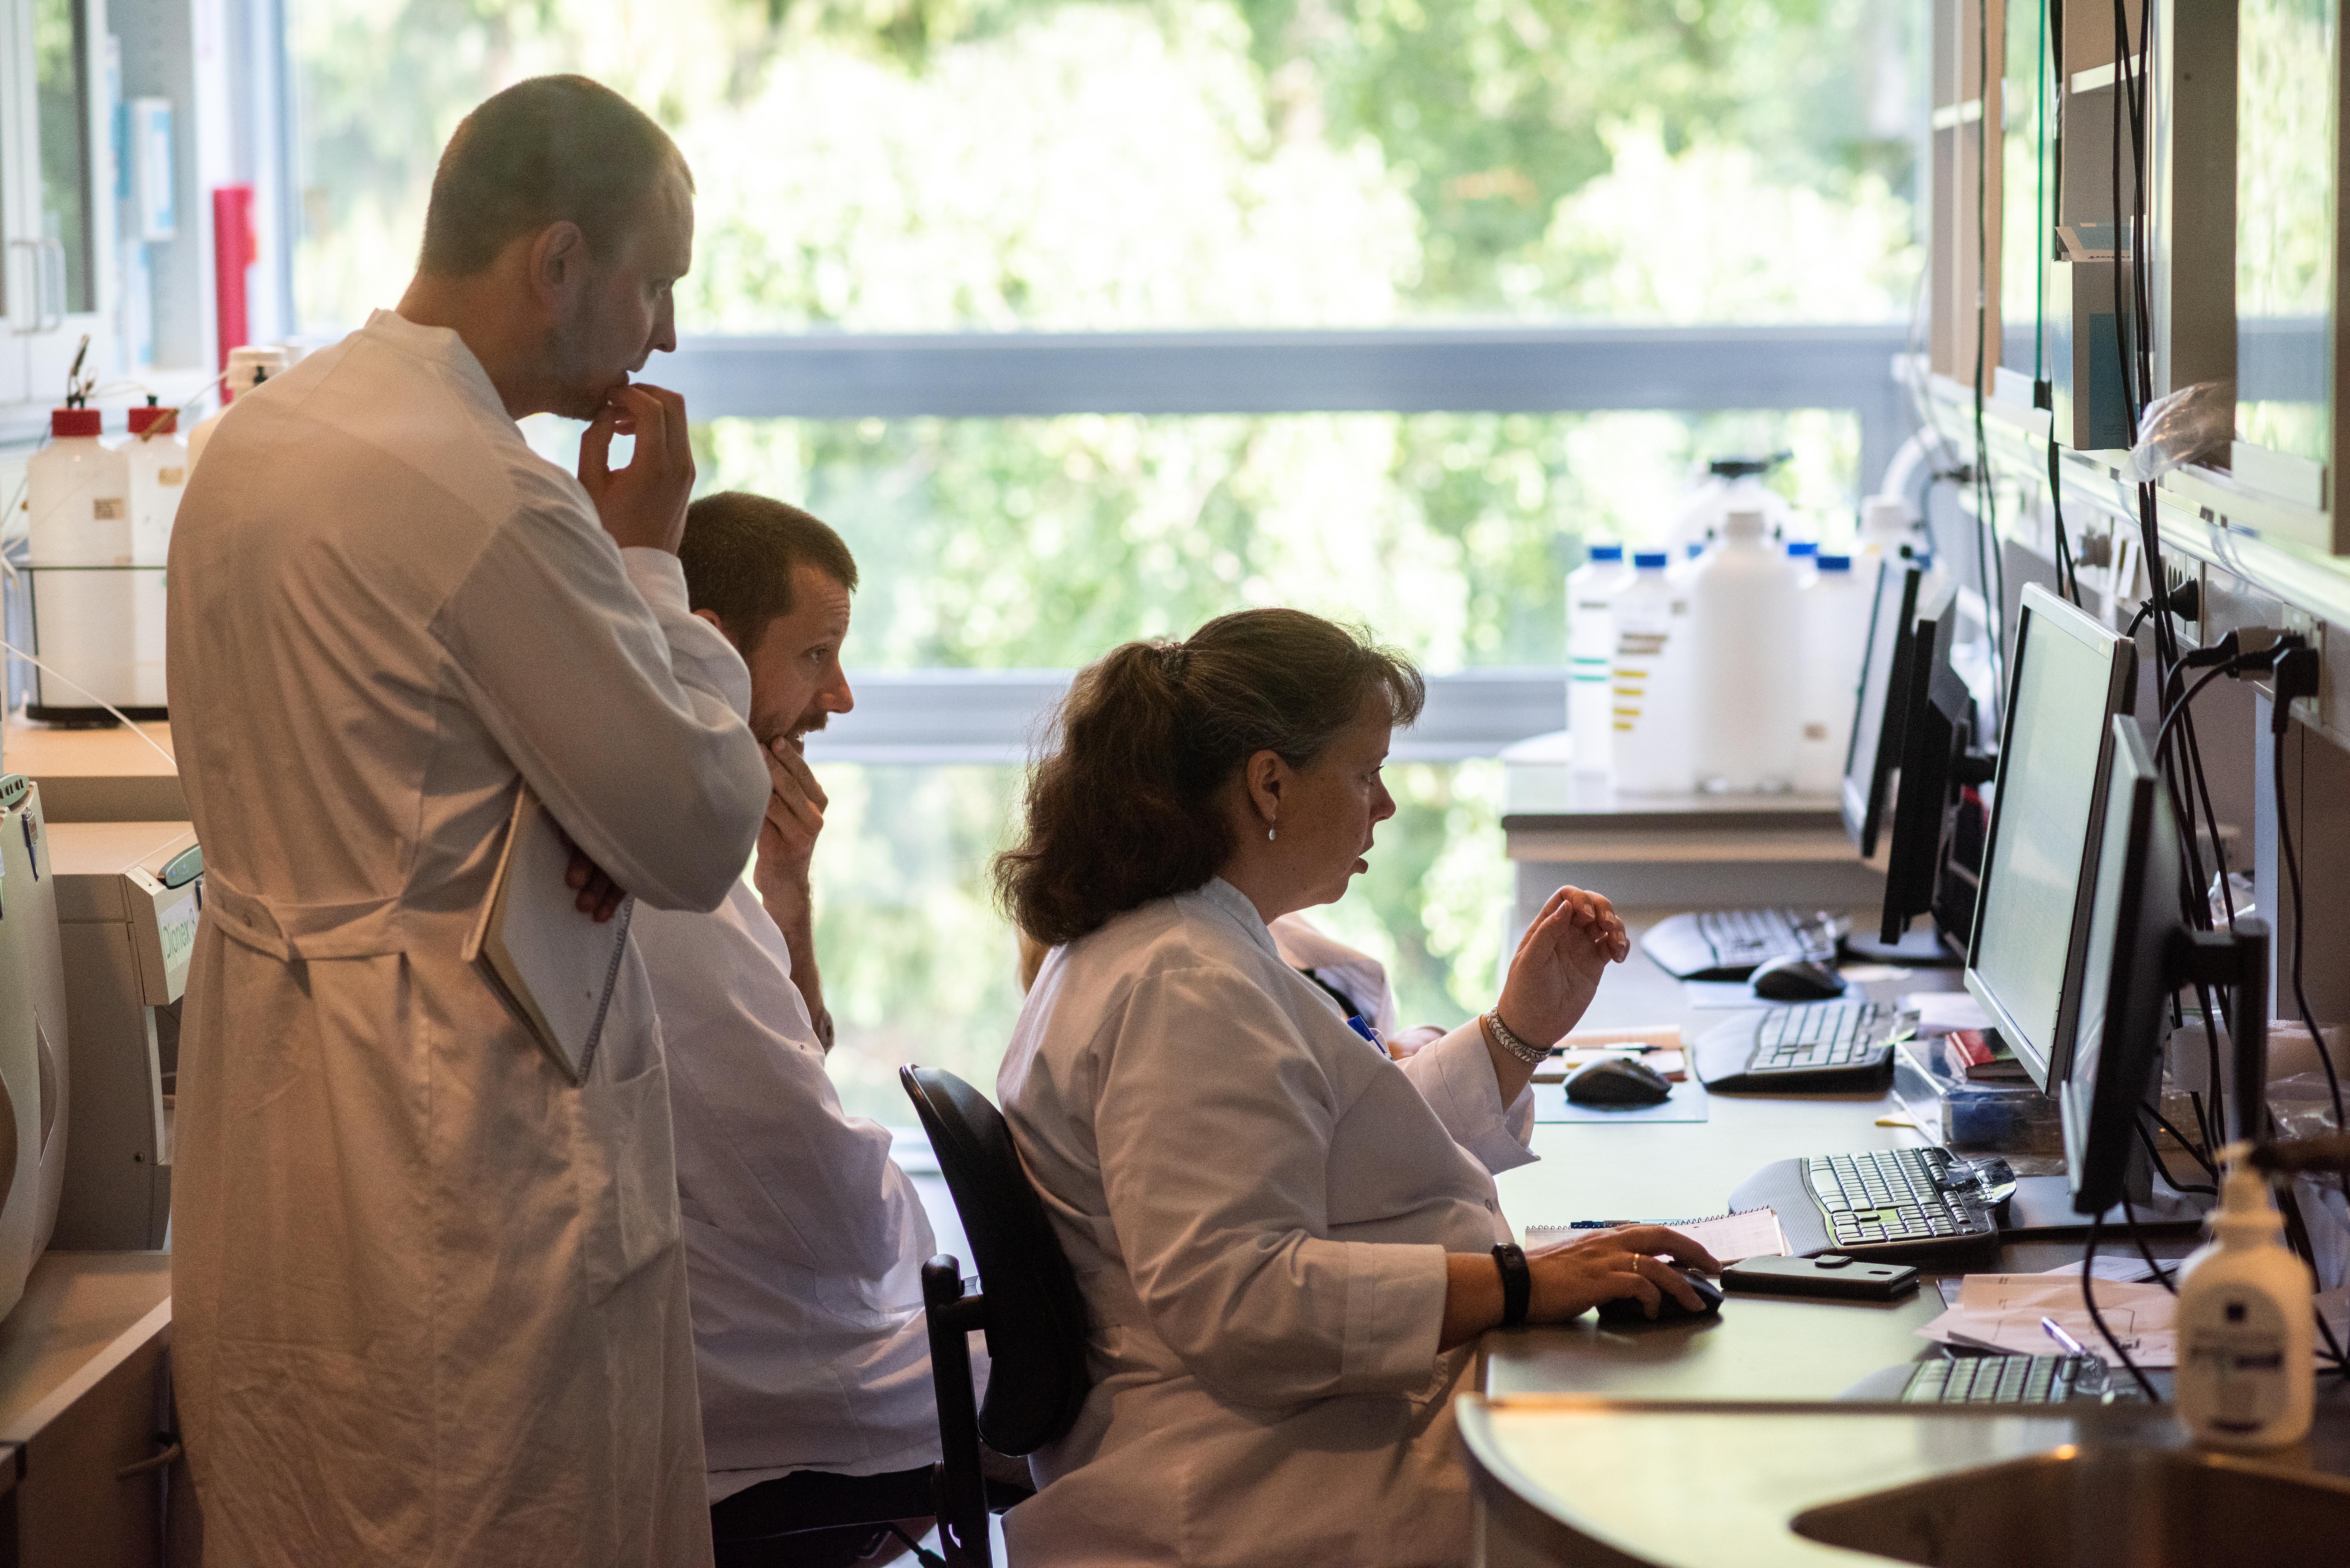 På et af hovedkvarterets laboratorier sidder fire laboranter og stirrer koncentrerede på den samme skærm.